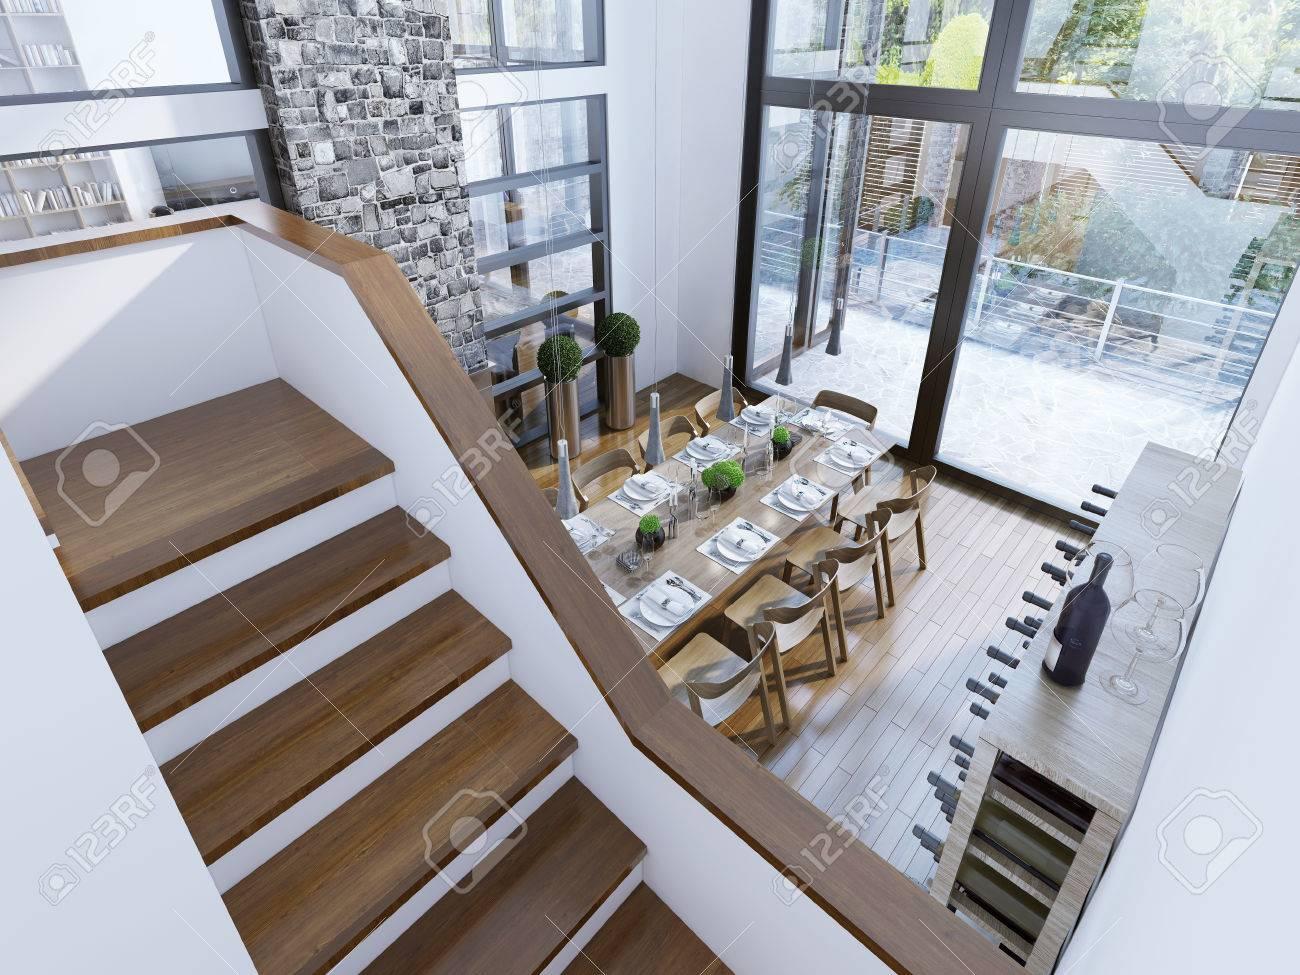 Draufsicht Auf Einen Modernen Speisesaal Design. Geräumiges Zimmer ...